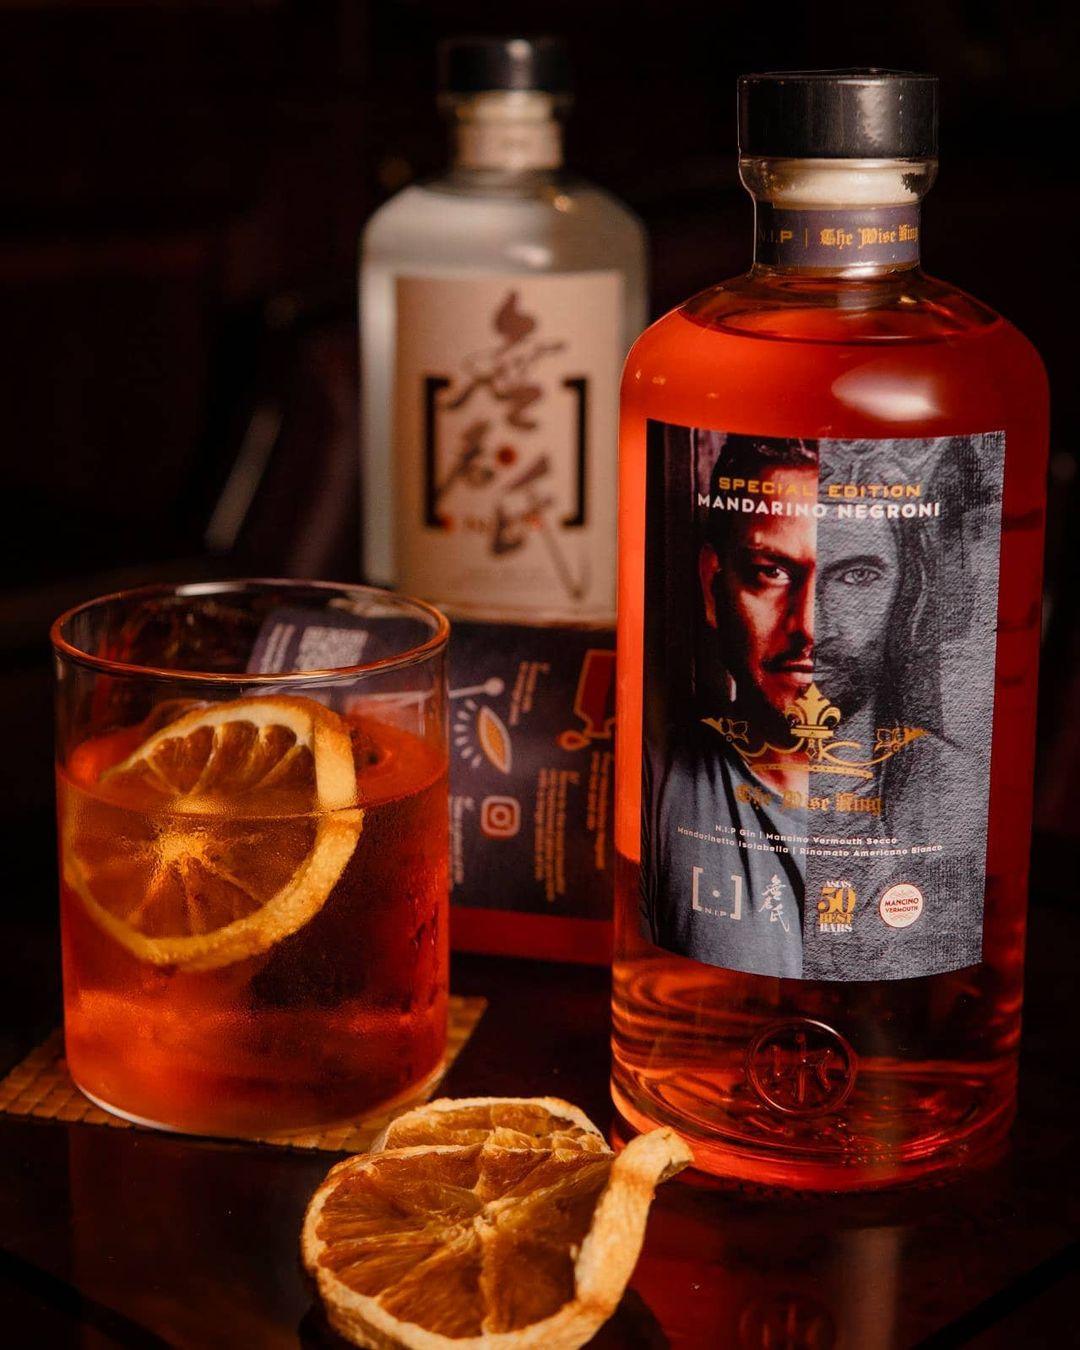 亞洲50大酒吧2021丨盤點9間上榜香港酒吧!瓶裝雞尾酒在家嘆特色Cocktai